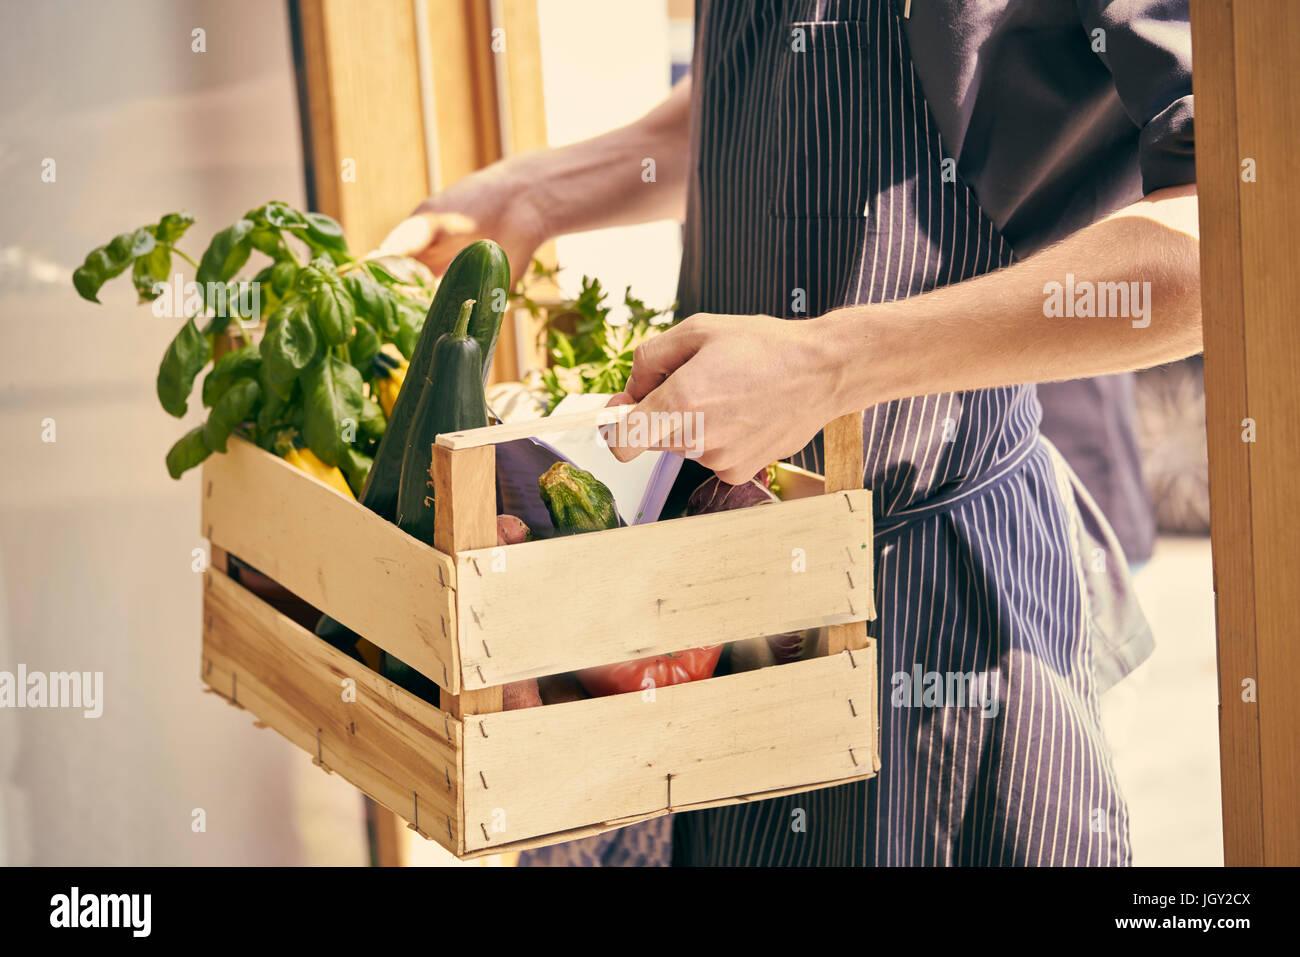 Vista recortada del chef llevar cajas de verduras Imagen De Stock